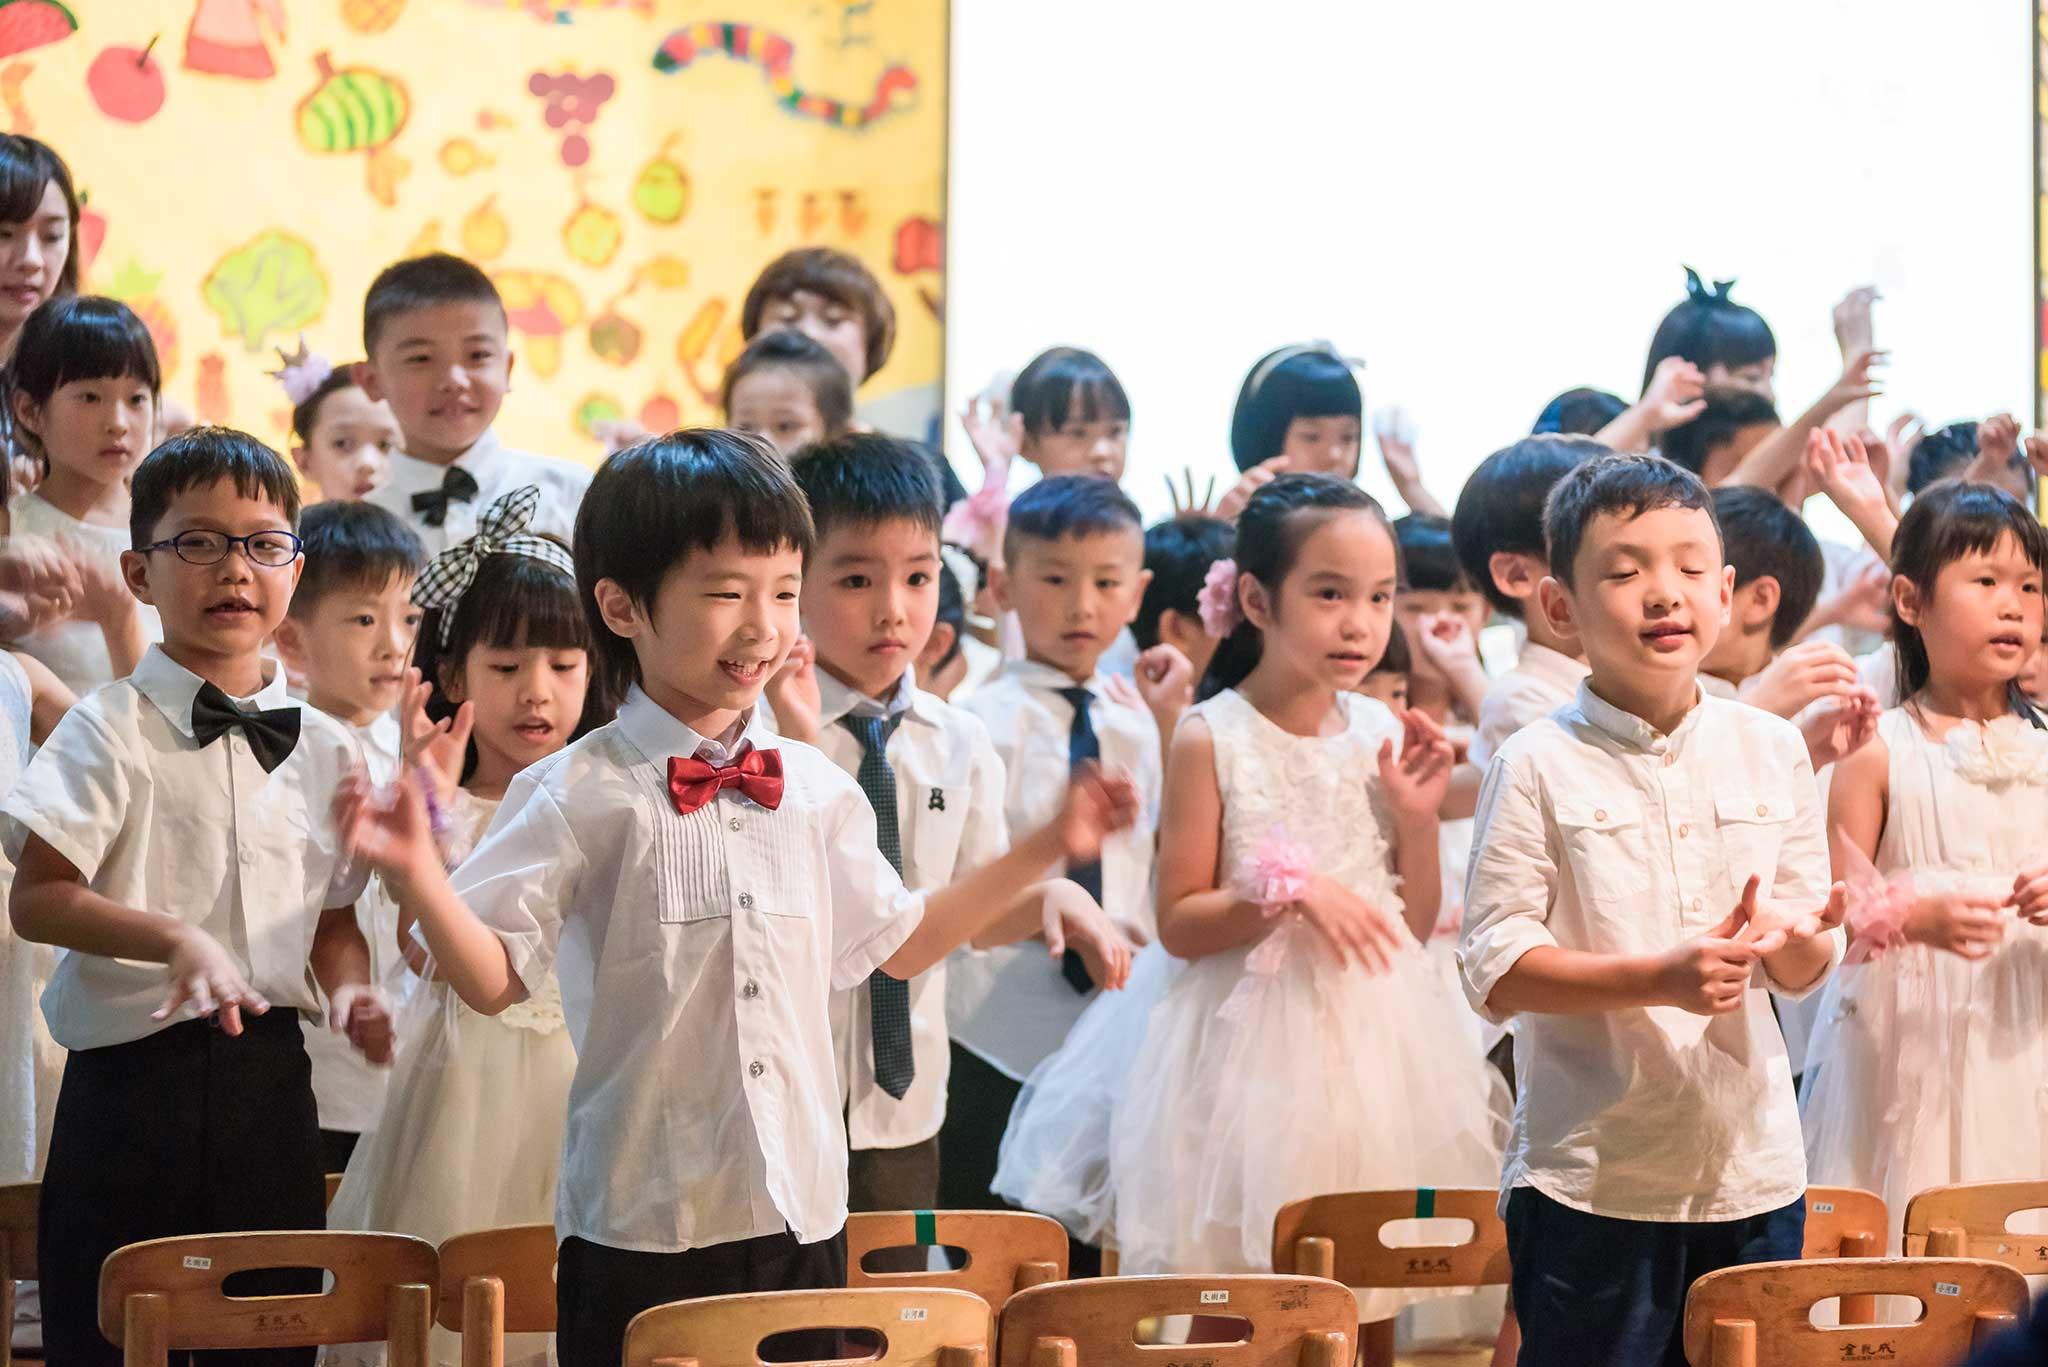 活動記錄 幼稚園畢業典禮 幼稚園畢業典禮攝影 幼兒園畢業典禮